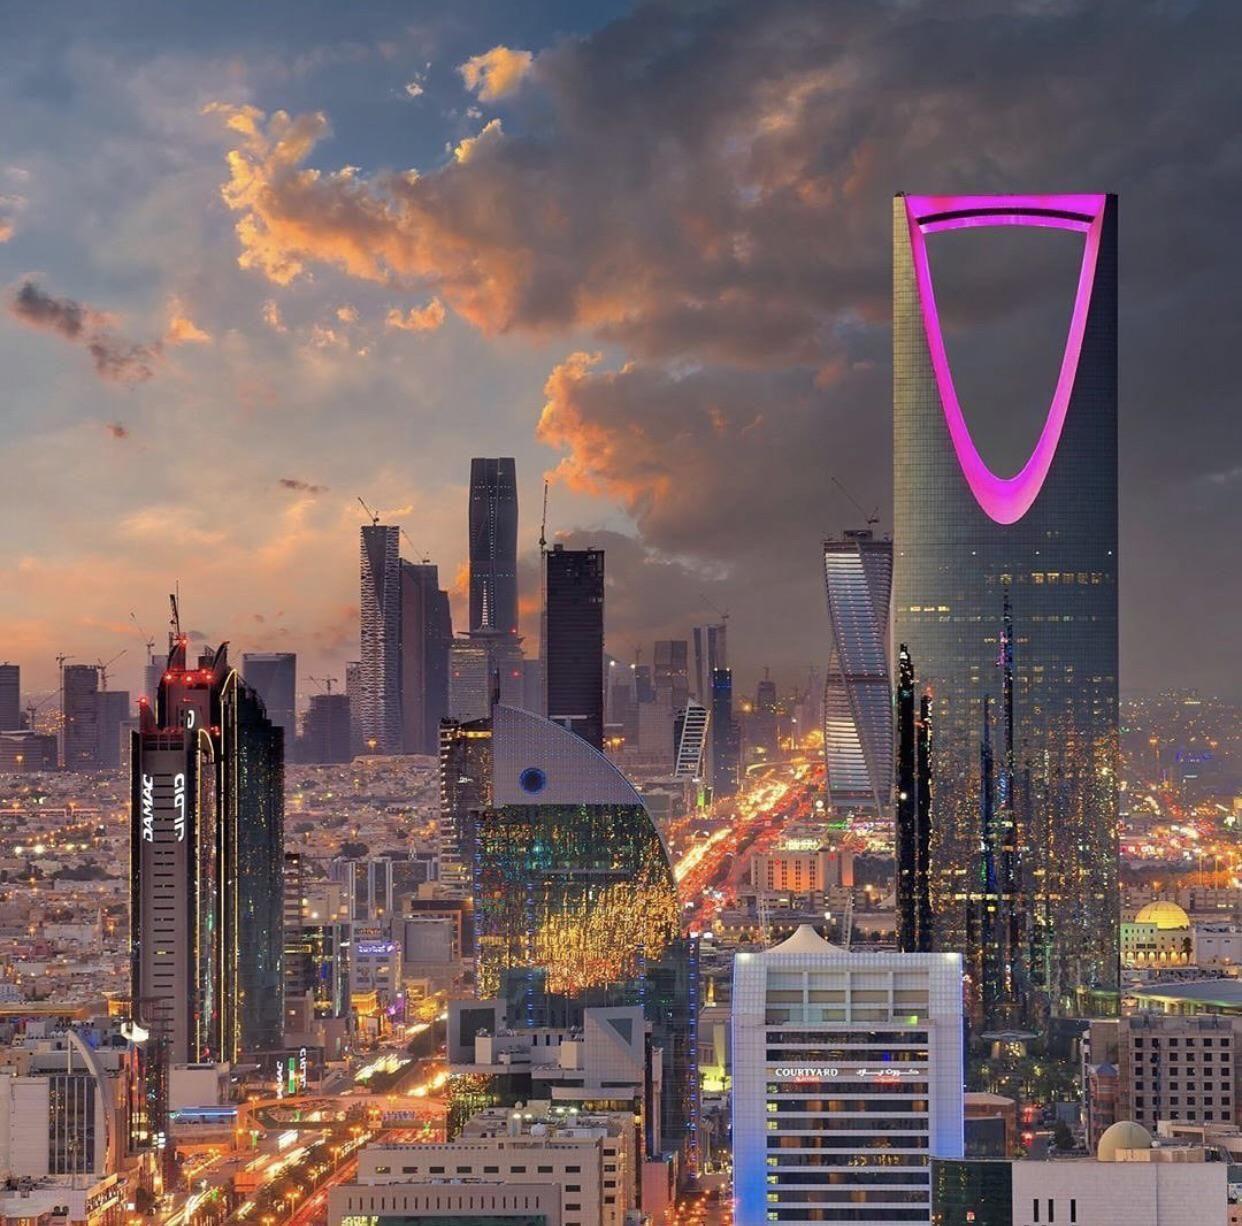 Riyadh Saudi Arabia City Cities Buildings Photography Riyadh Saudi Arabia Saudi Arabia Culture Riyadh